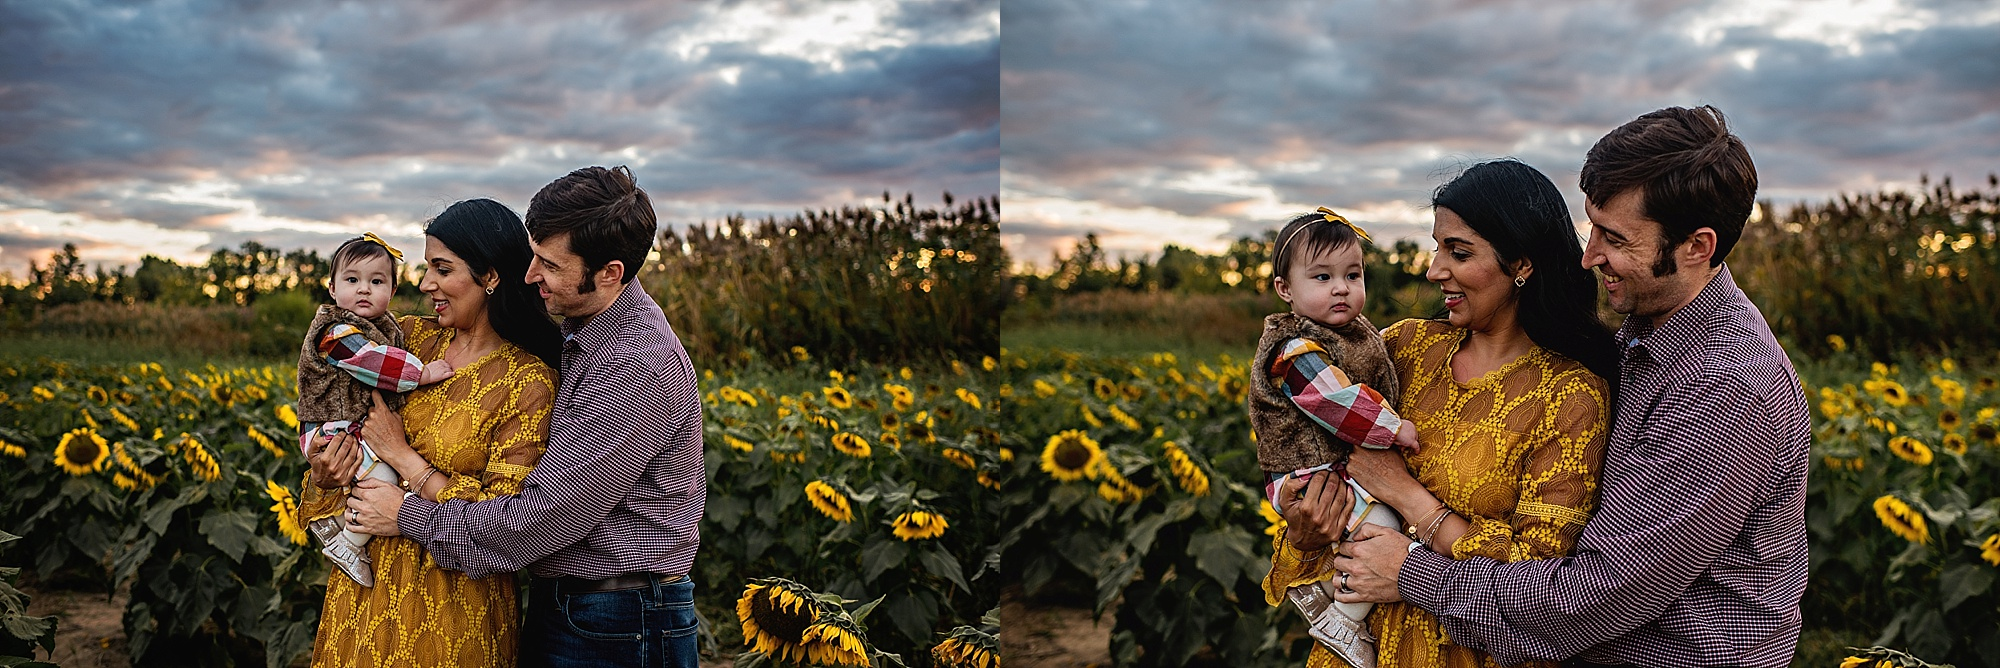 Turner-family-akron-ohio-photographer-lauren-grayson-sunflower-field-session_0016.jpg